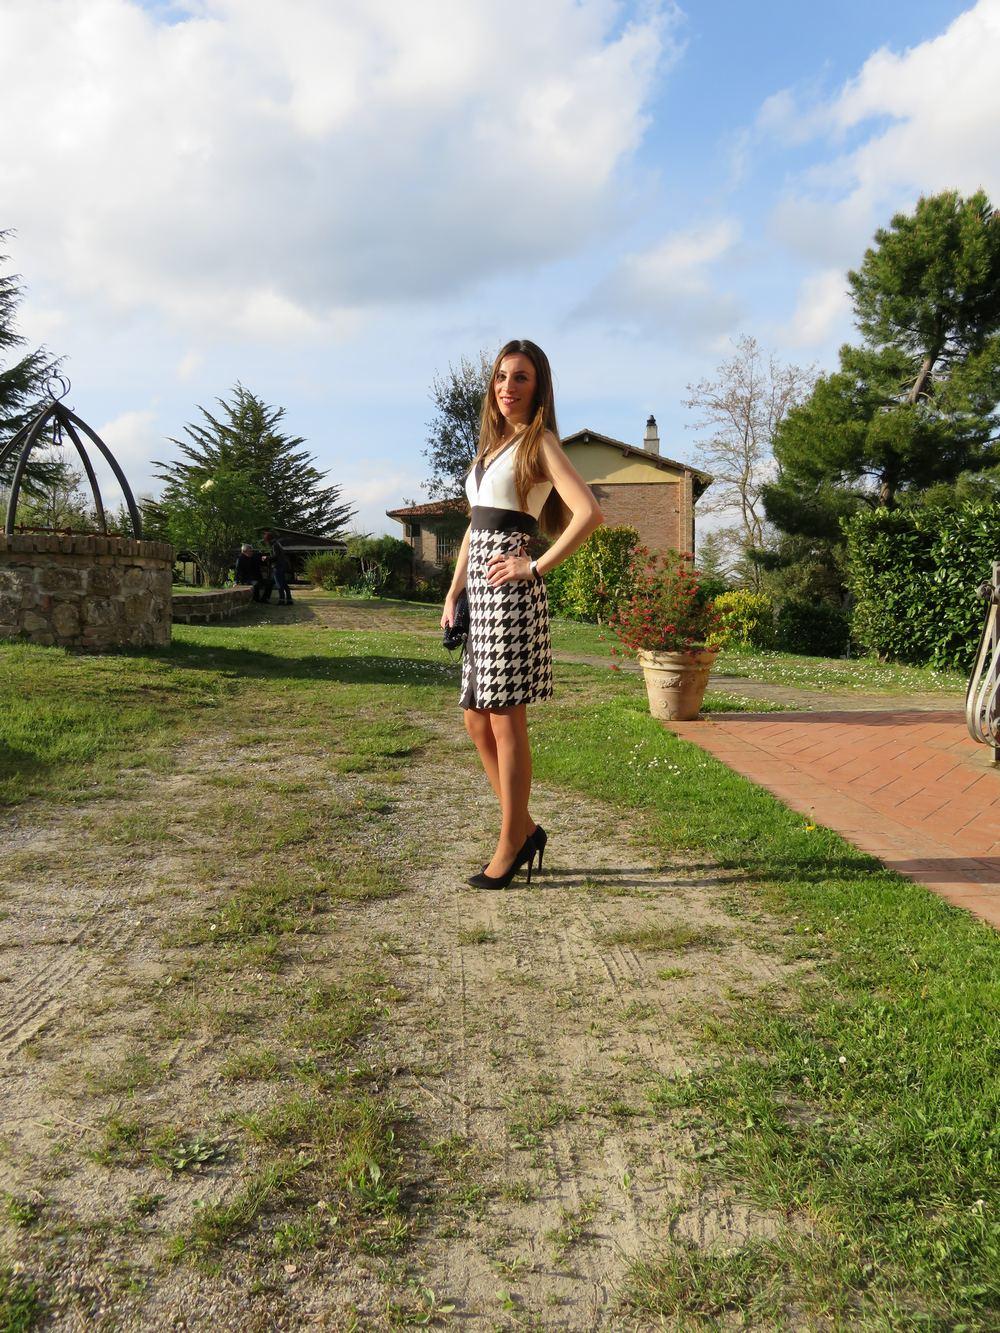 Un weekend di gusto e relax con Groupalia